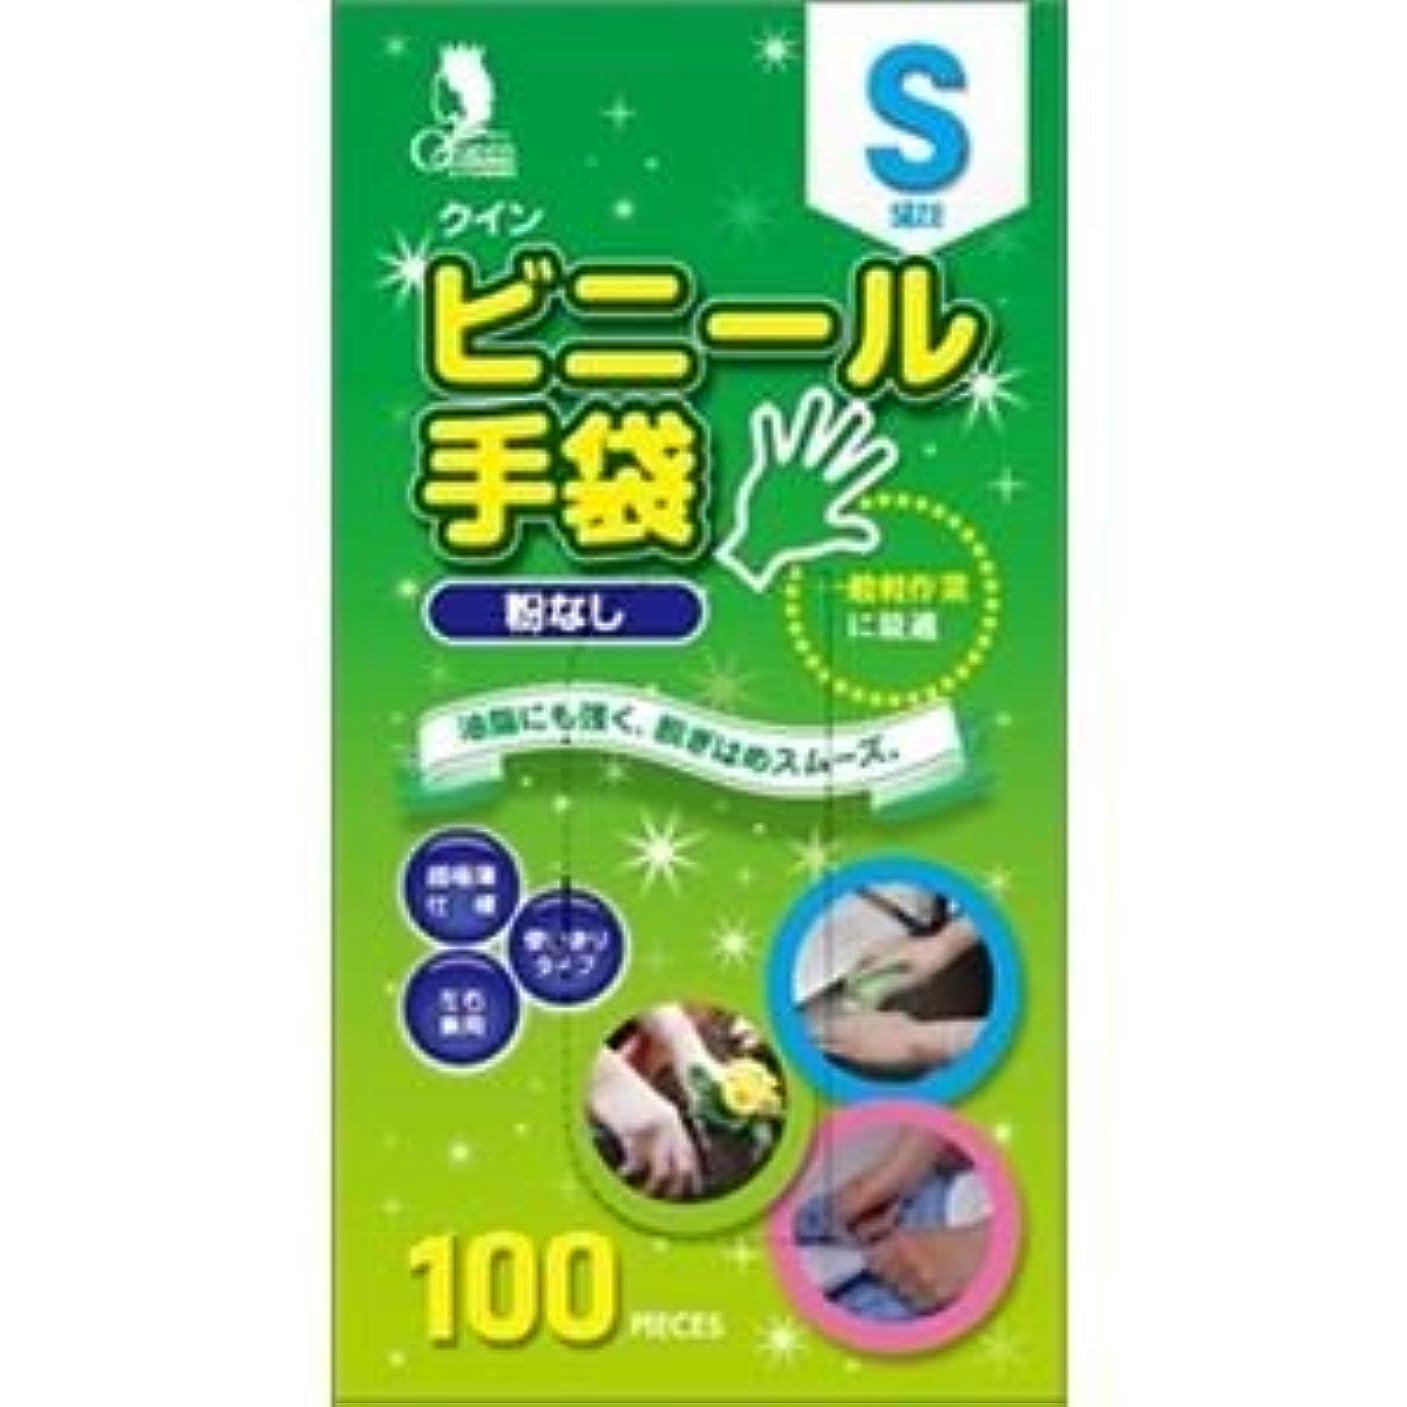 無礼に種類うるさい(まとめ)宇都宮製作 クインビニール手袋100枚入 S (N) 【×3点セット】